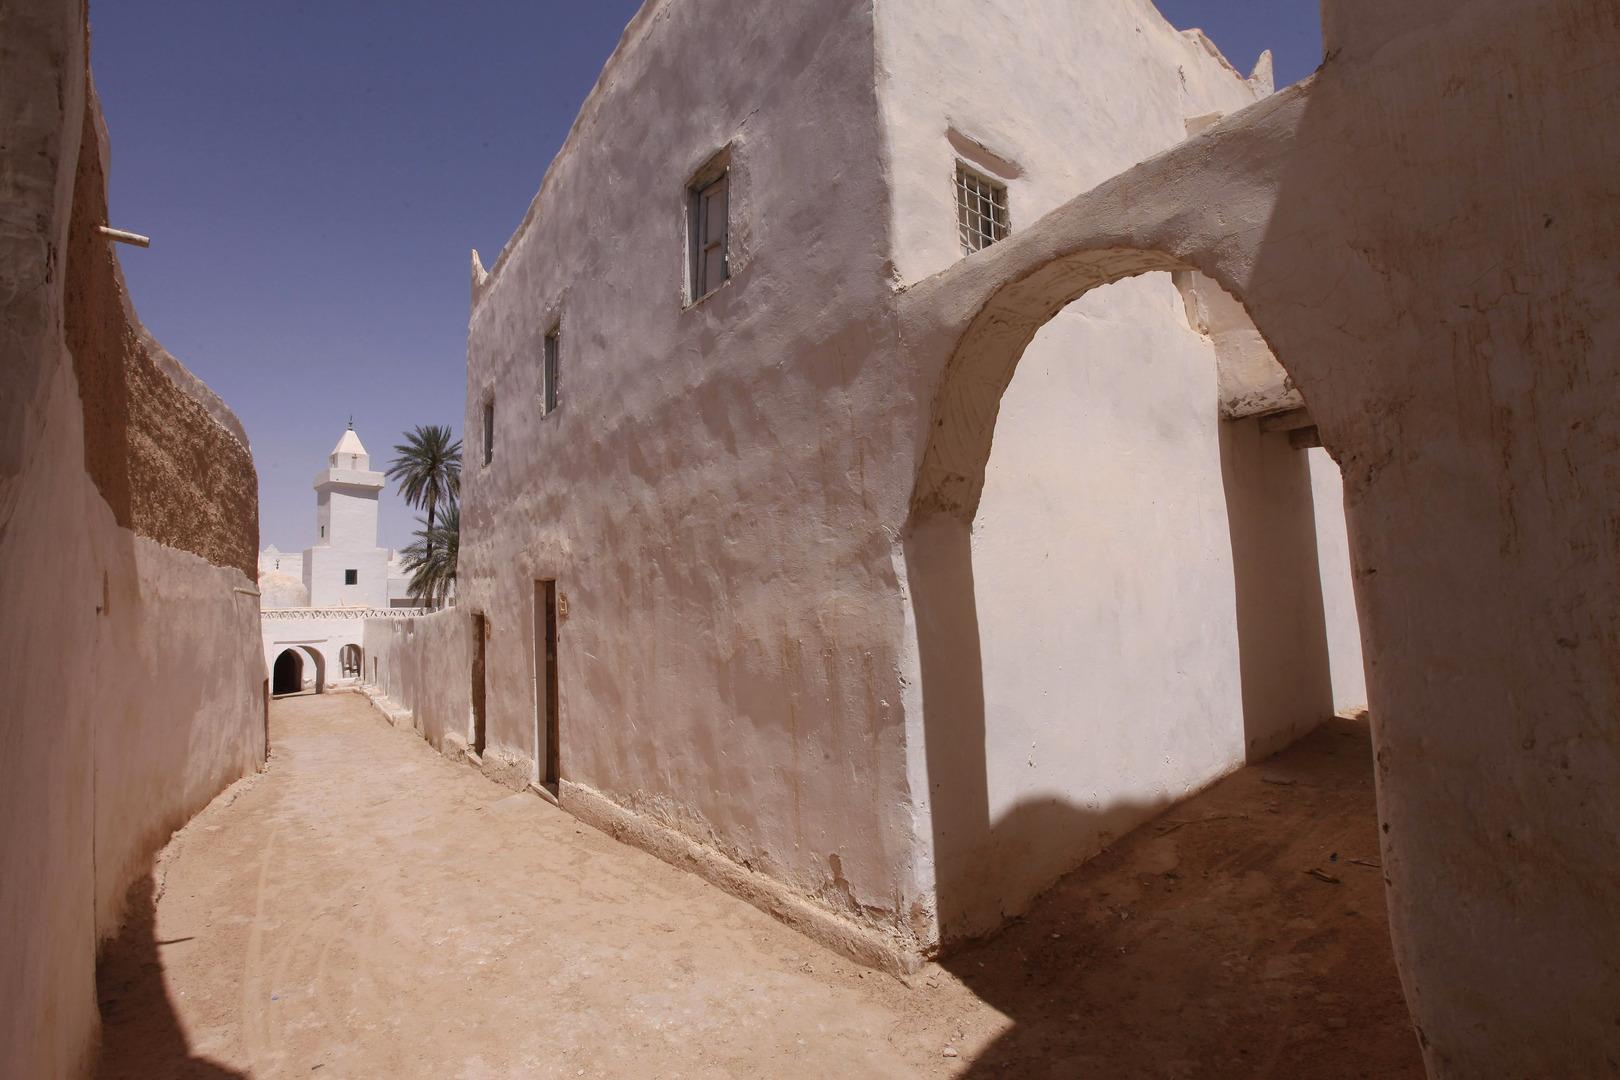 مدينة غدامس الليبية (صورة من الأرشيف)